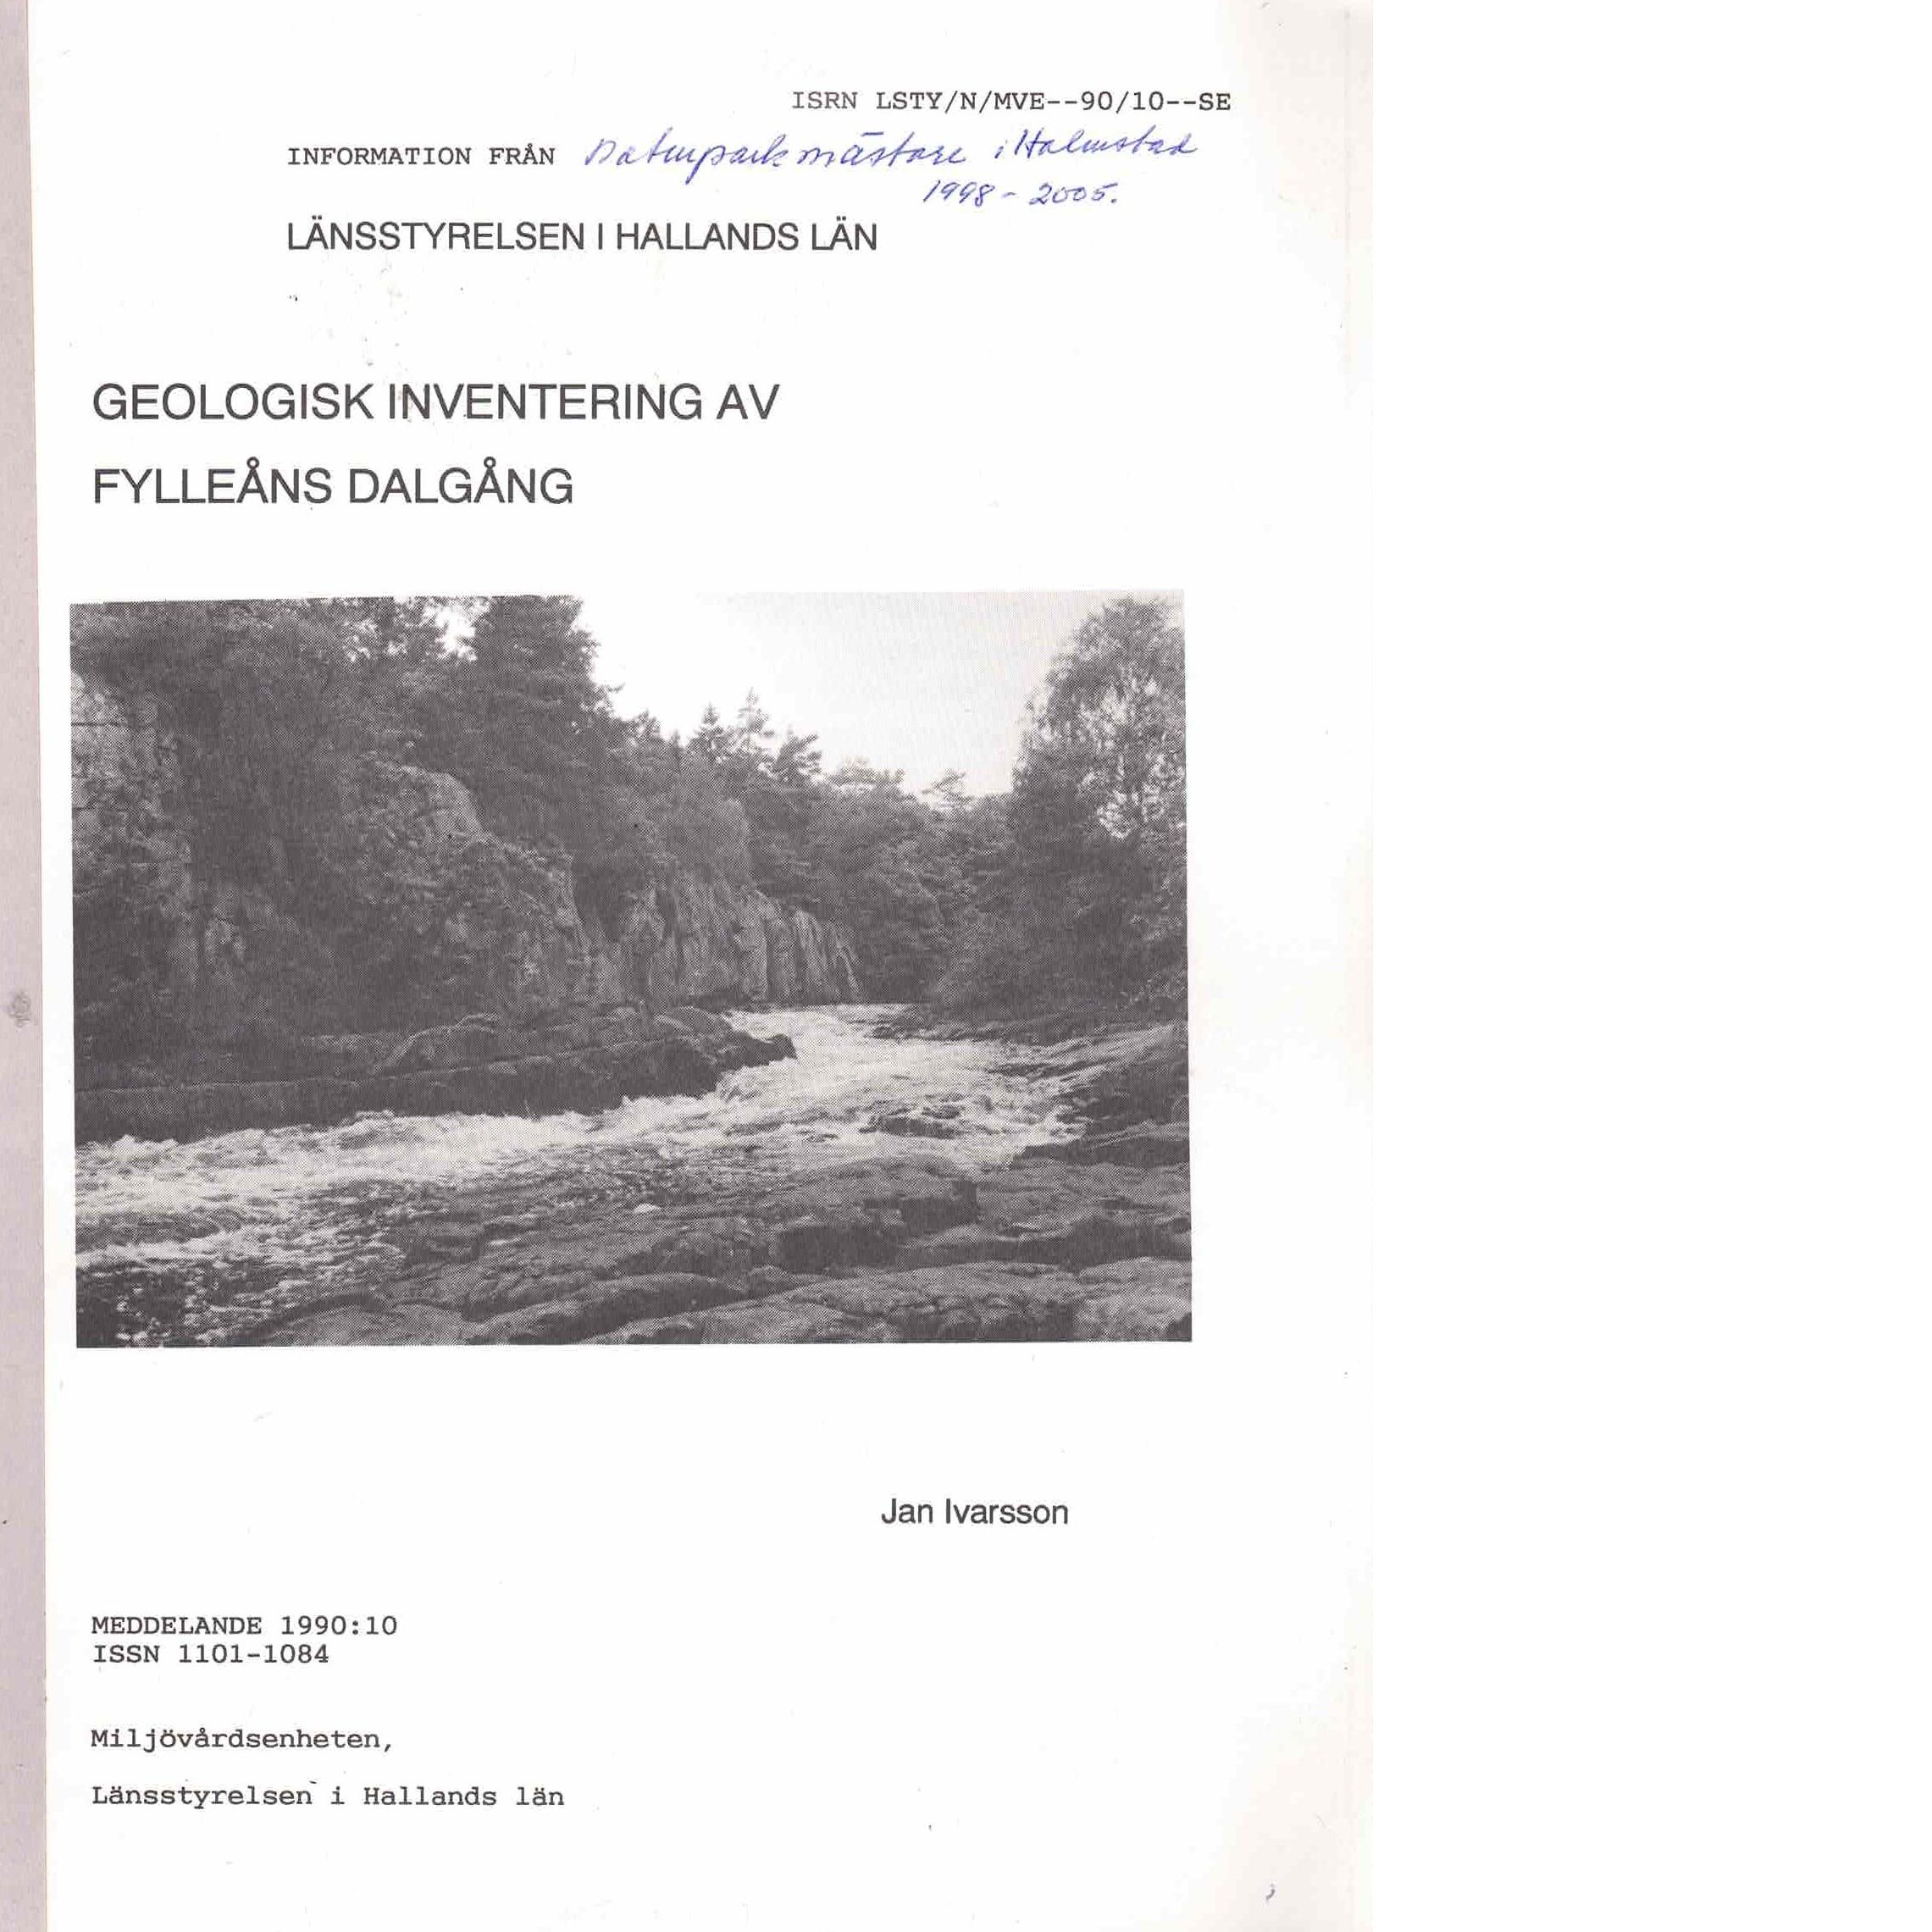 Geologisk inventering av Fylleåns dalgång - Ivarsson, Jan